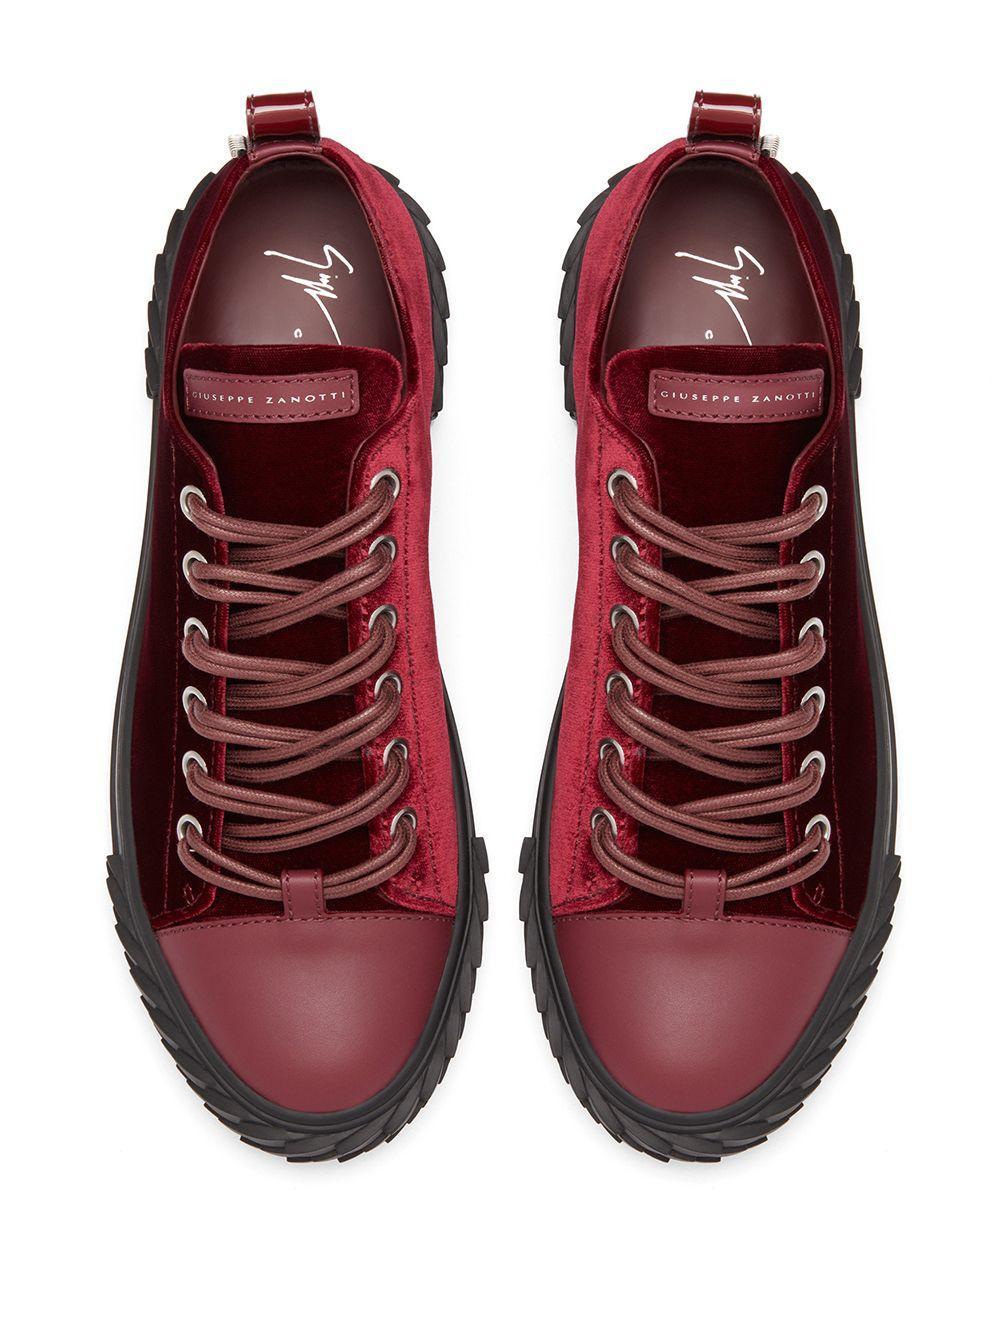 Giuseppe Zanotti Leer Sneakers Met Rits in het Rood voor heren